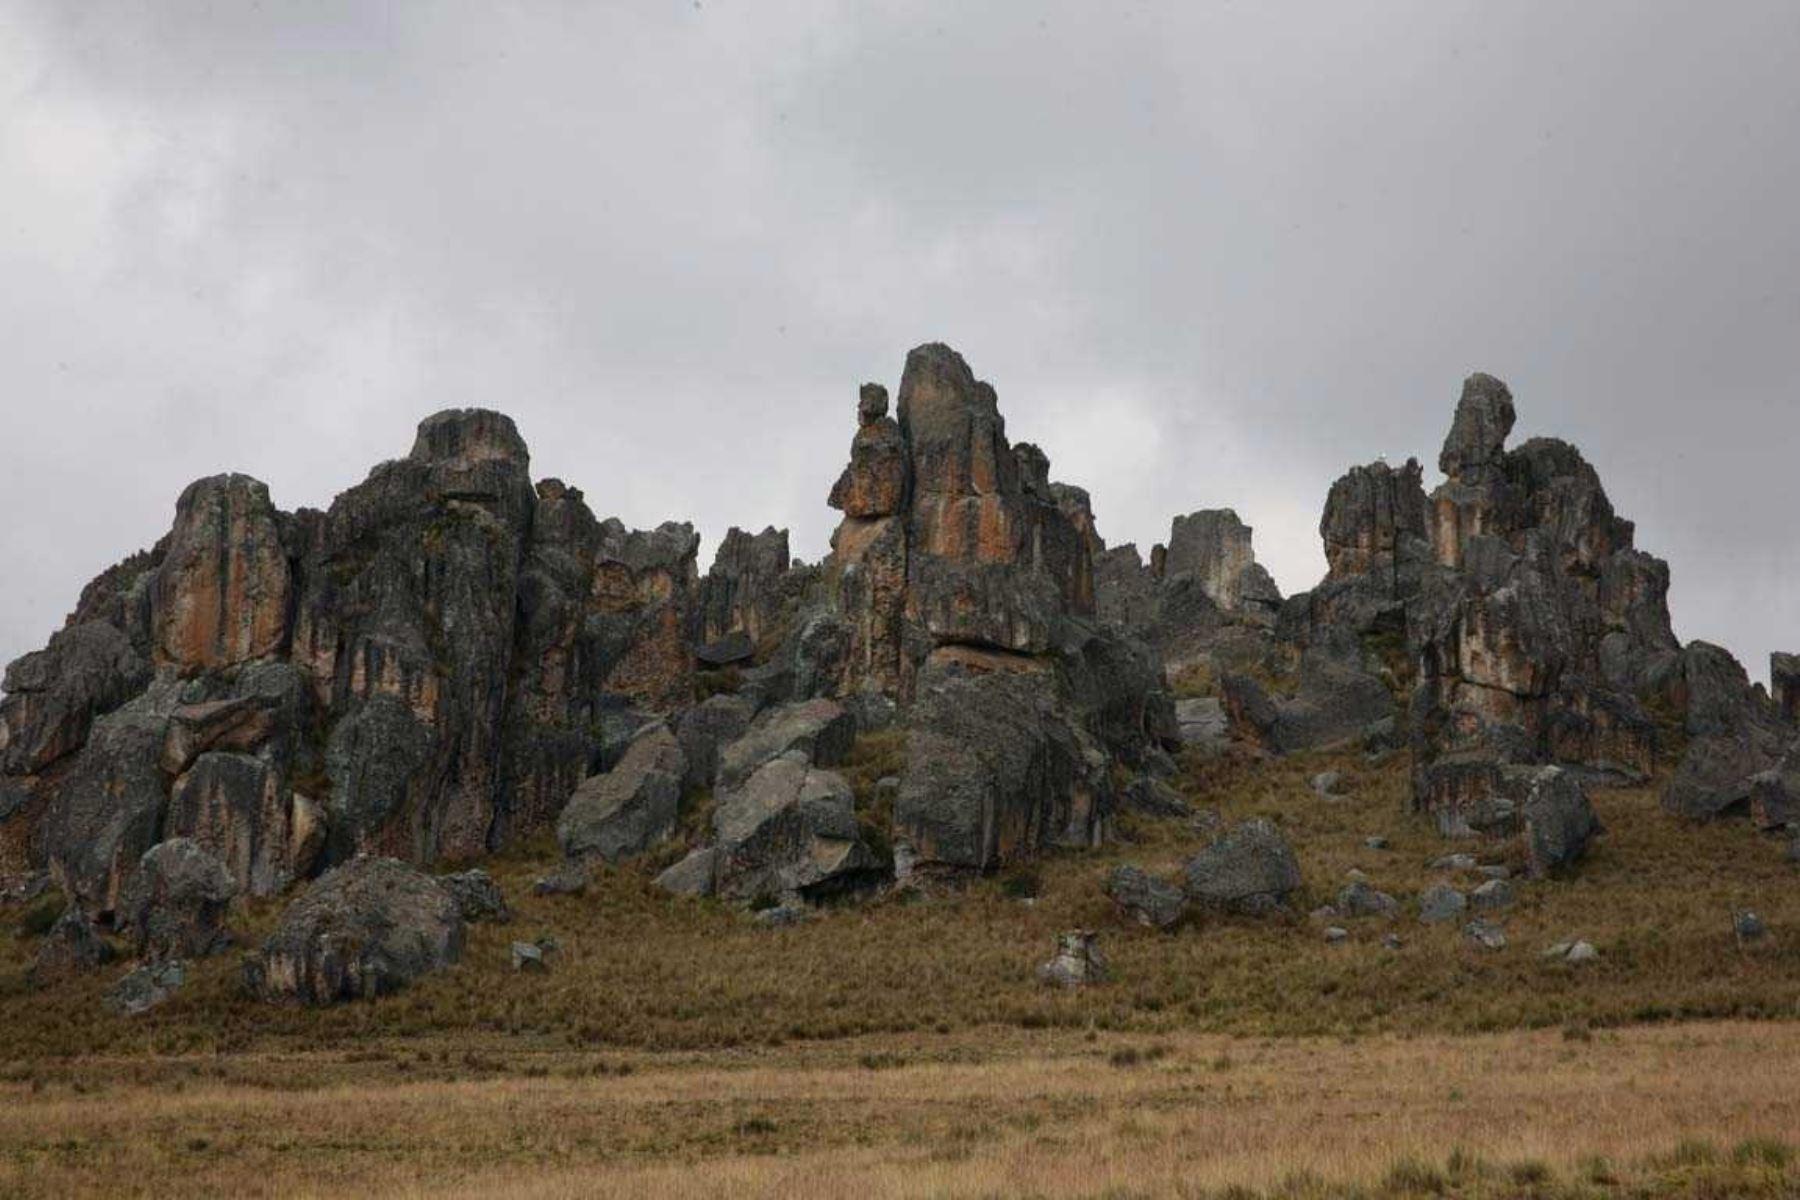 El Santuario Nacional de Huayllay fue creado oficialmente el 7 de agosto de 1974 y tiene una extensión de 6,815 hectáreas. ANDINA/Difusión